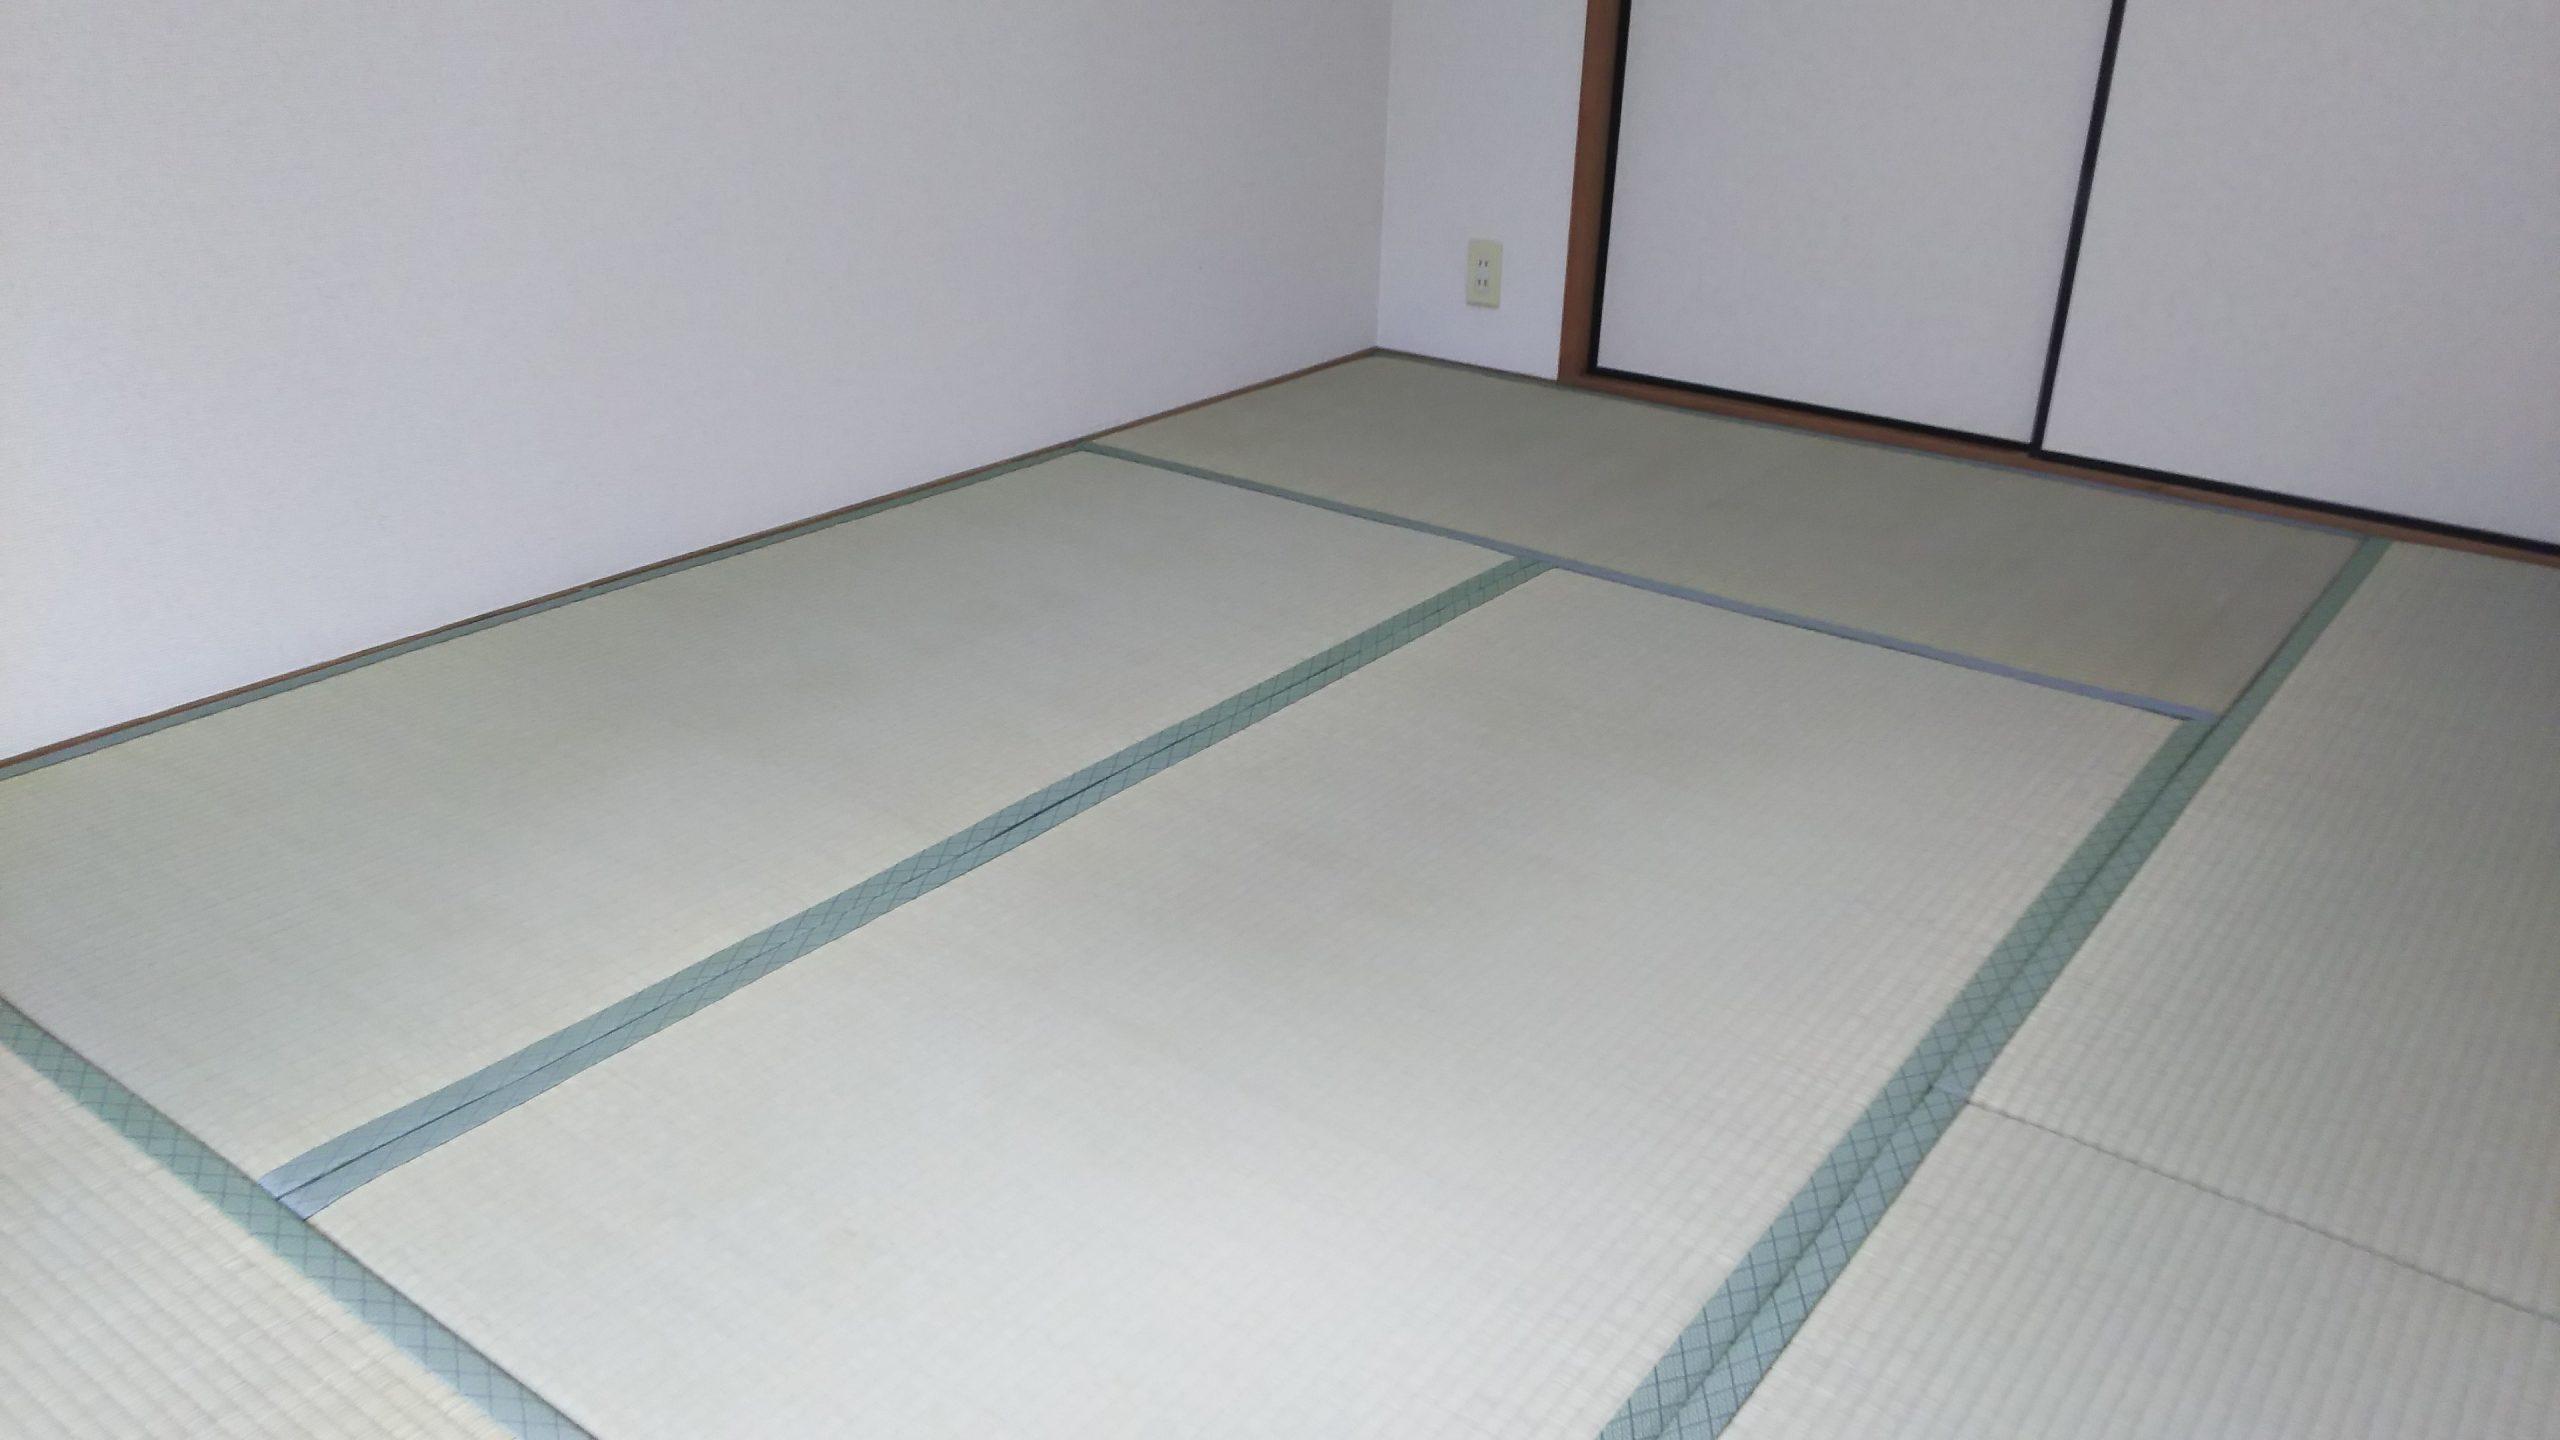 20201226 宝塚市 マンション 畳 襖 張替